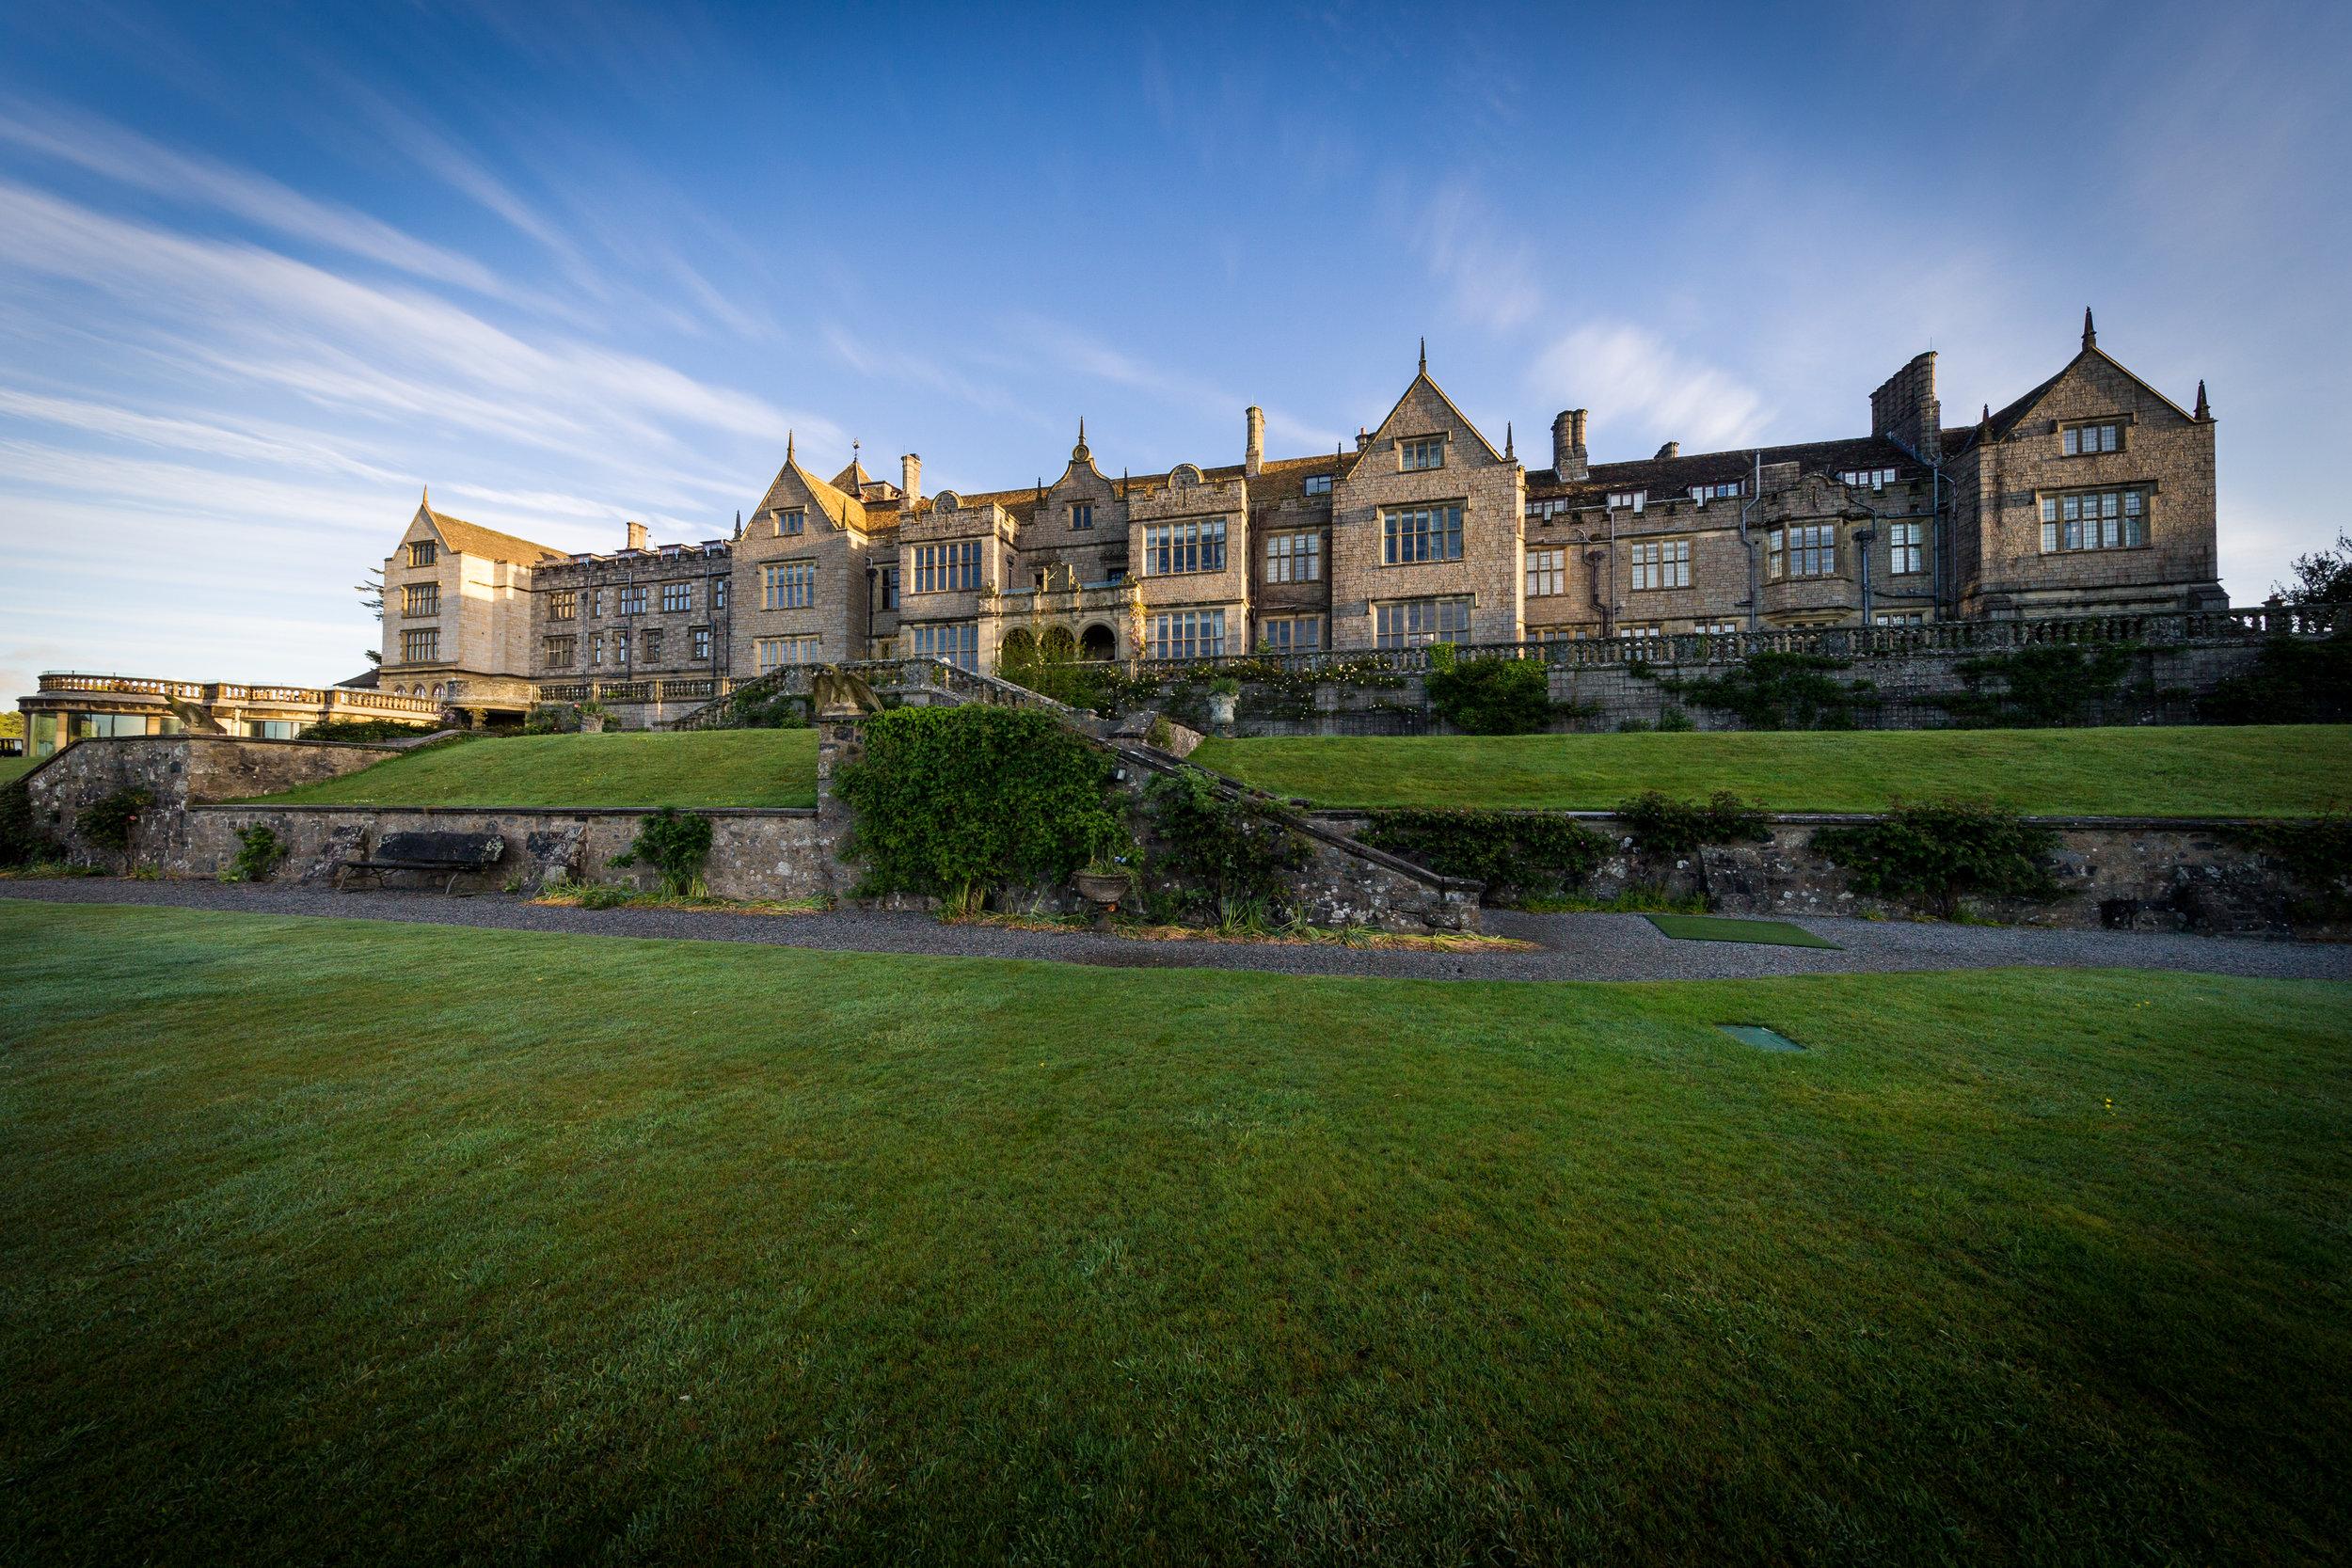 bovey castle © jennifer bailey